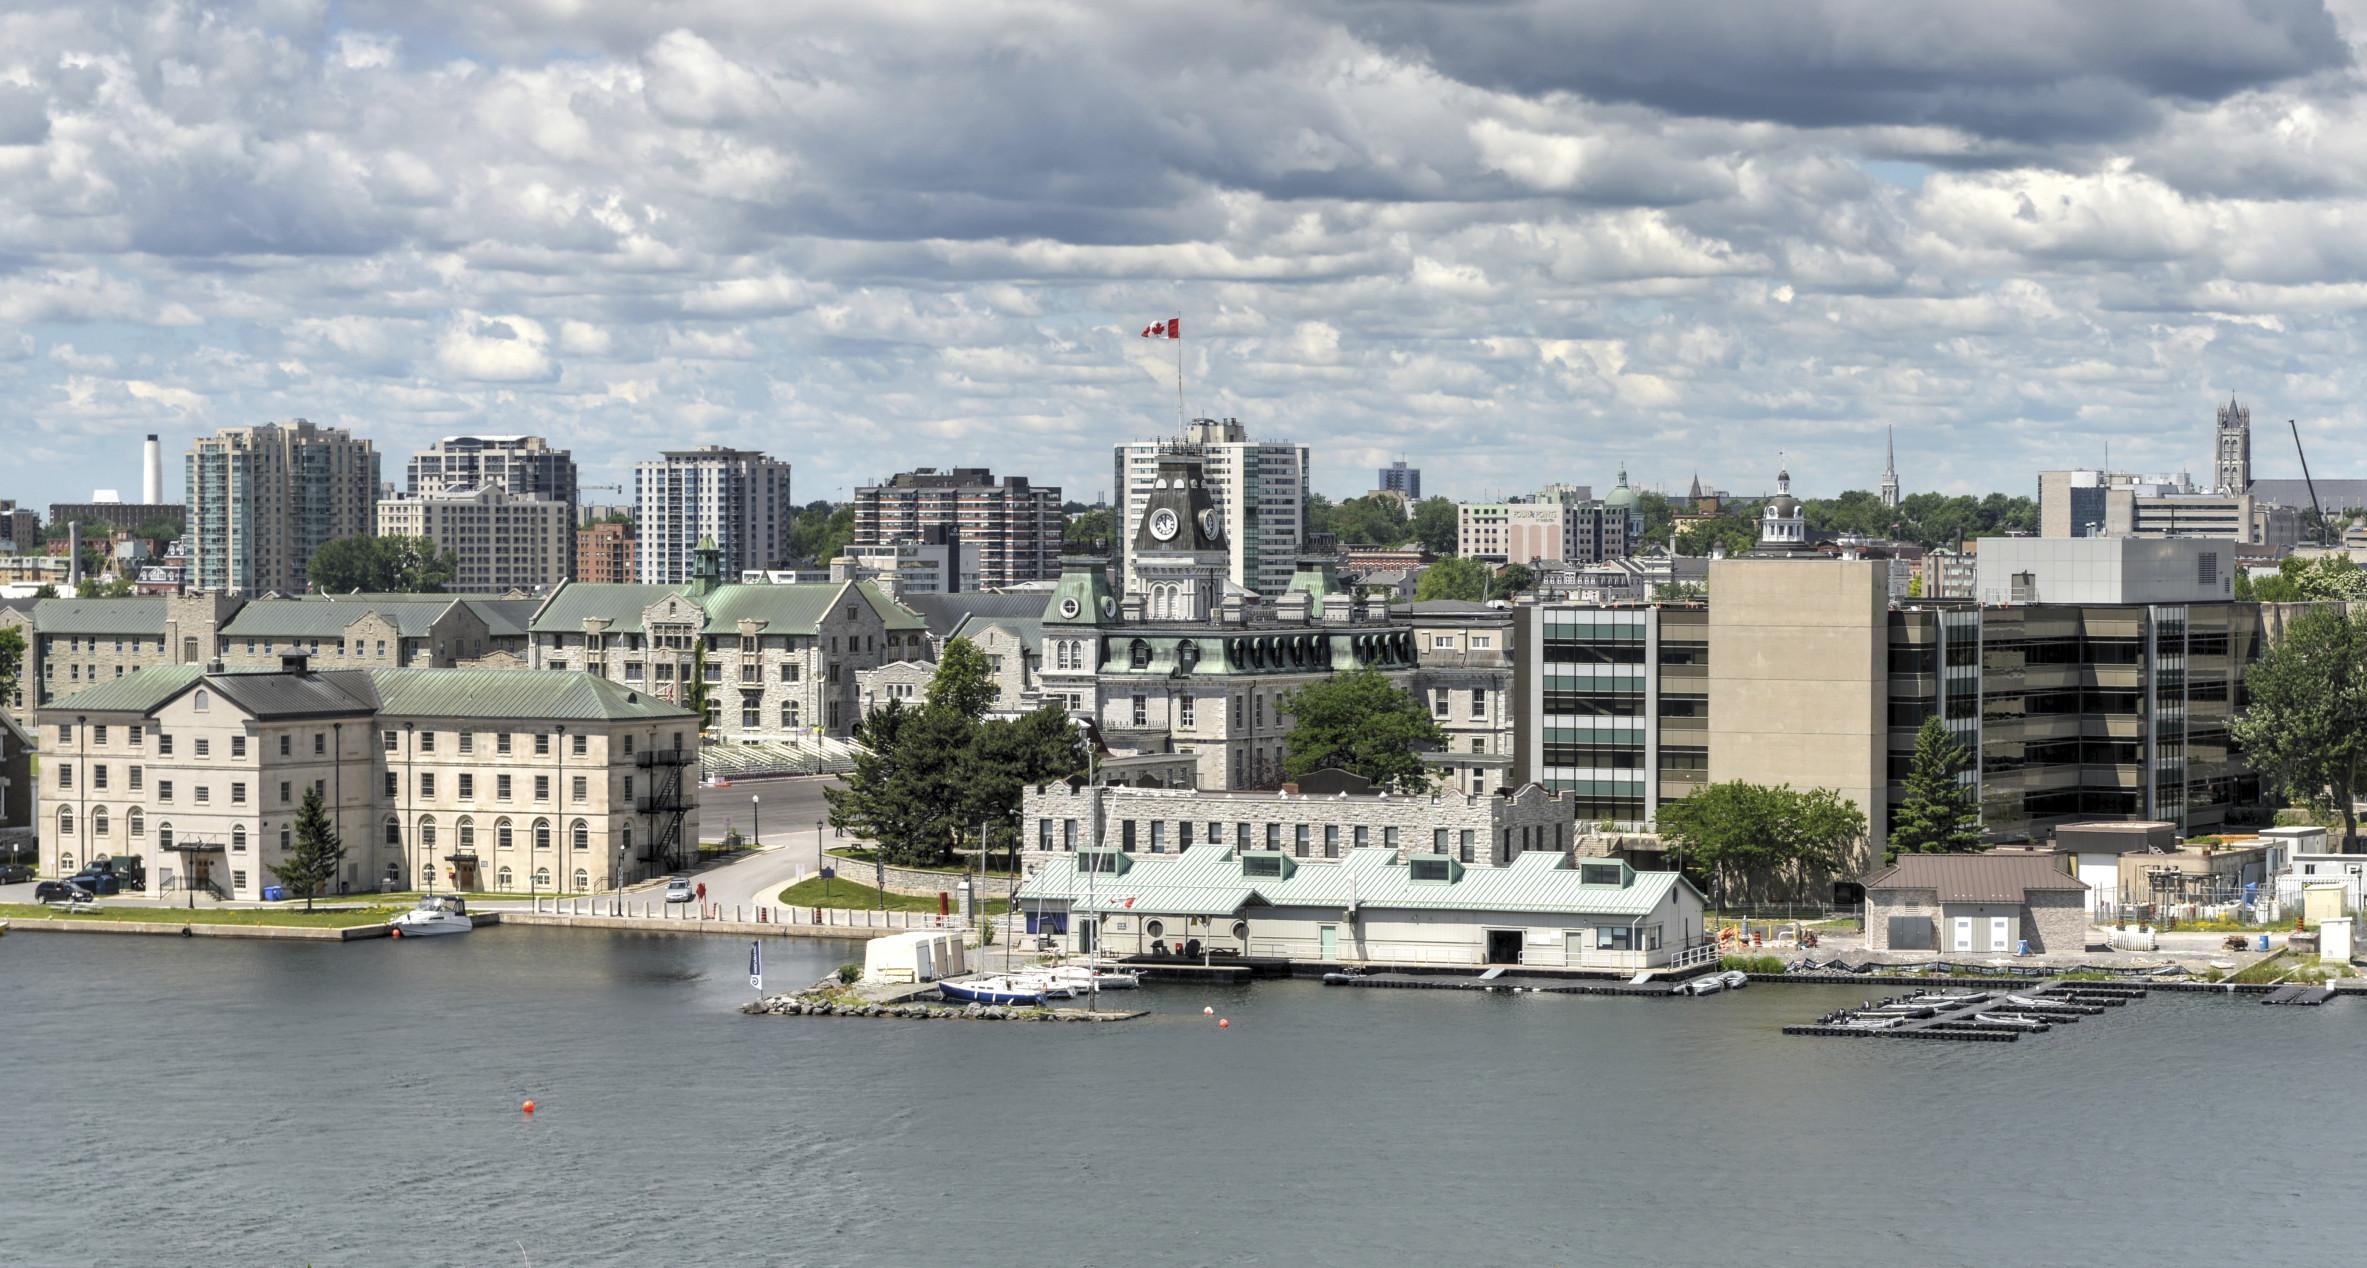 Kingston, Ontario Canada  As 10 melhores cidades para se encontrar emprego no Canadá original 5